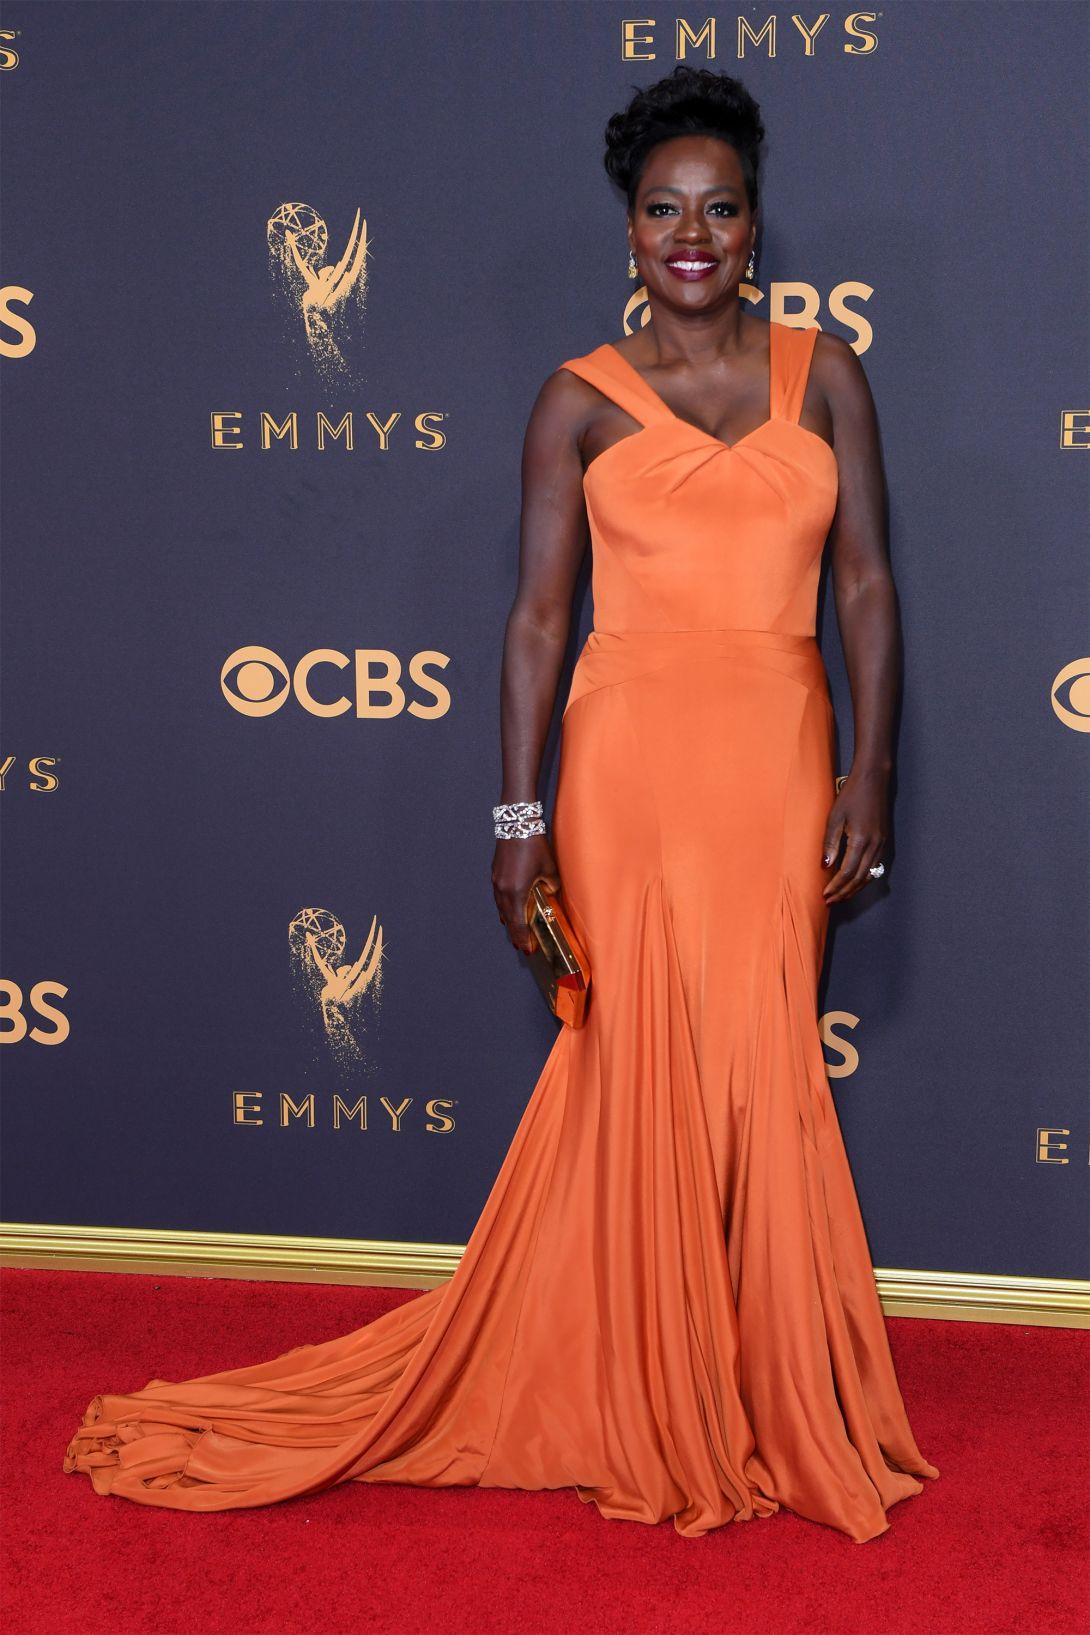 Viola Davis wearing Zac Posen